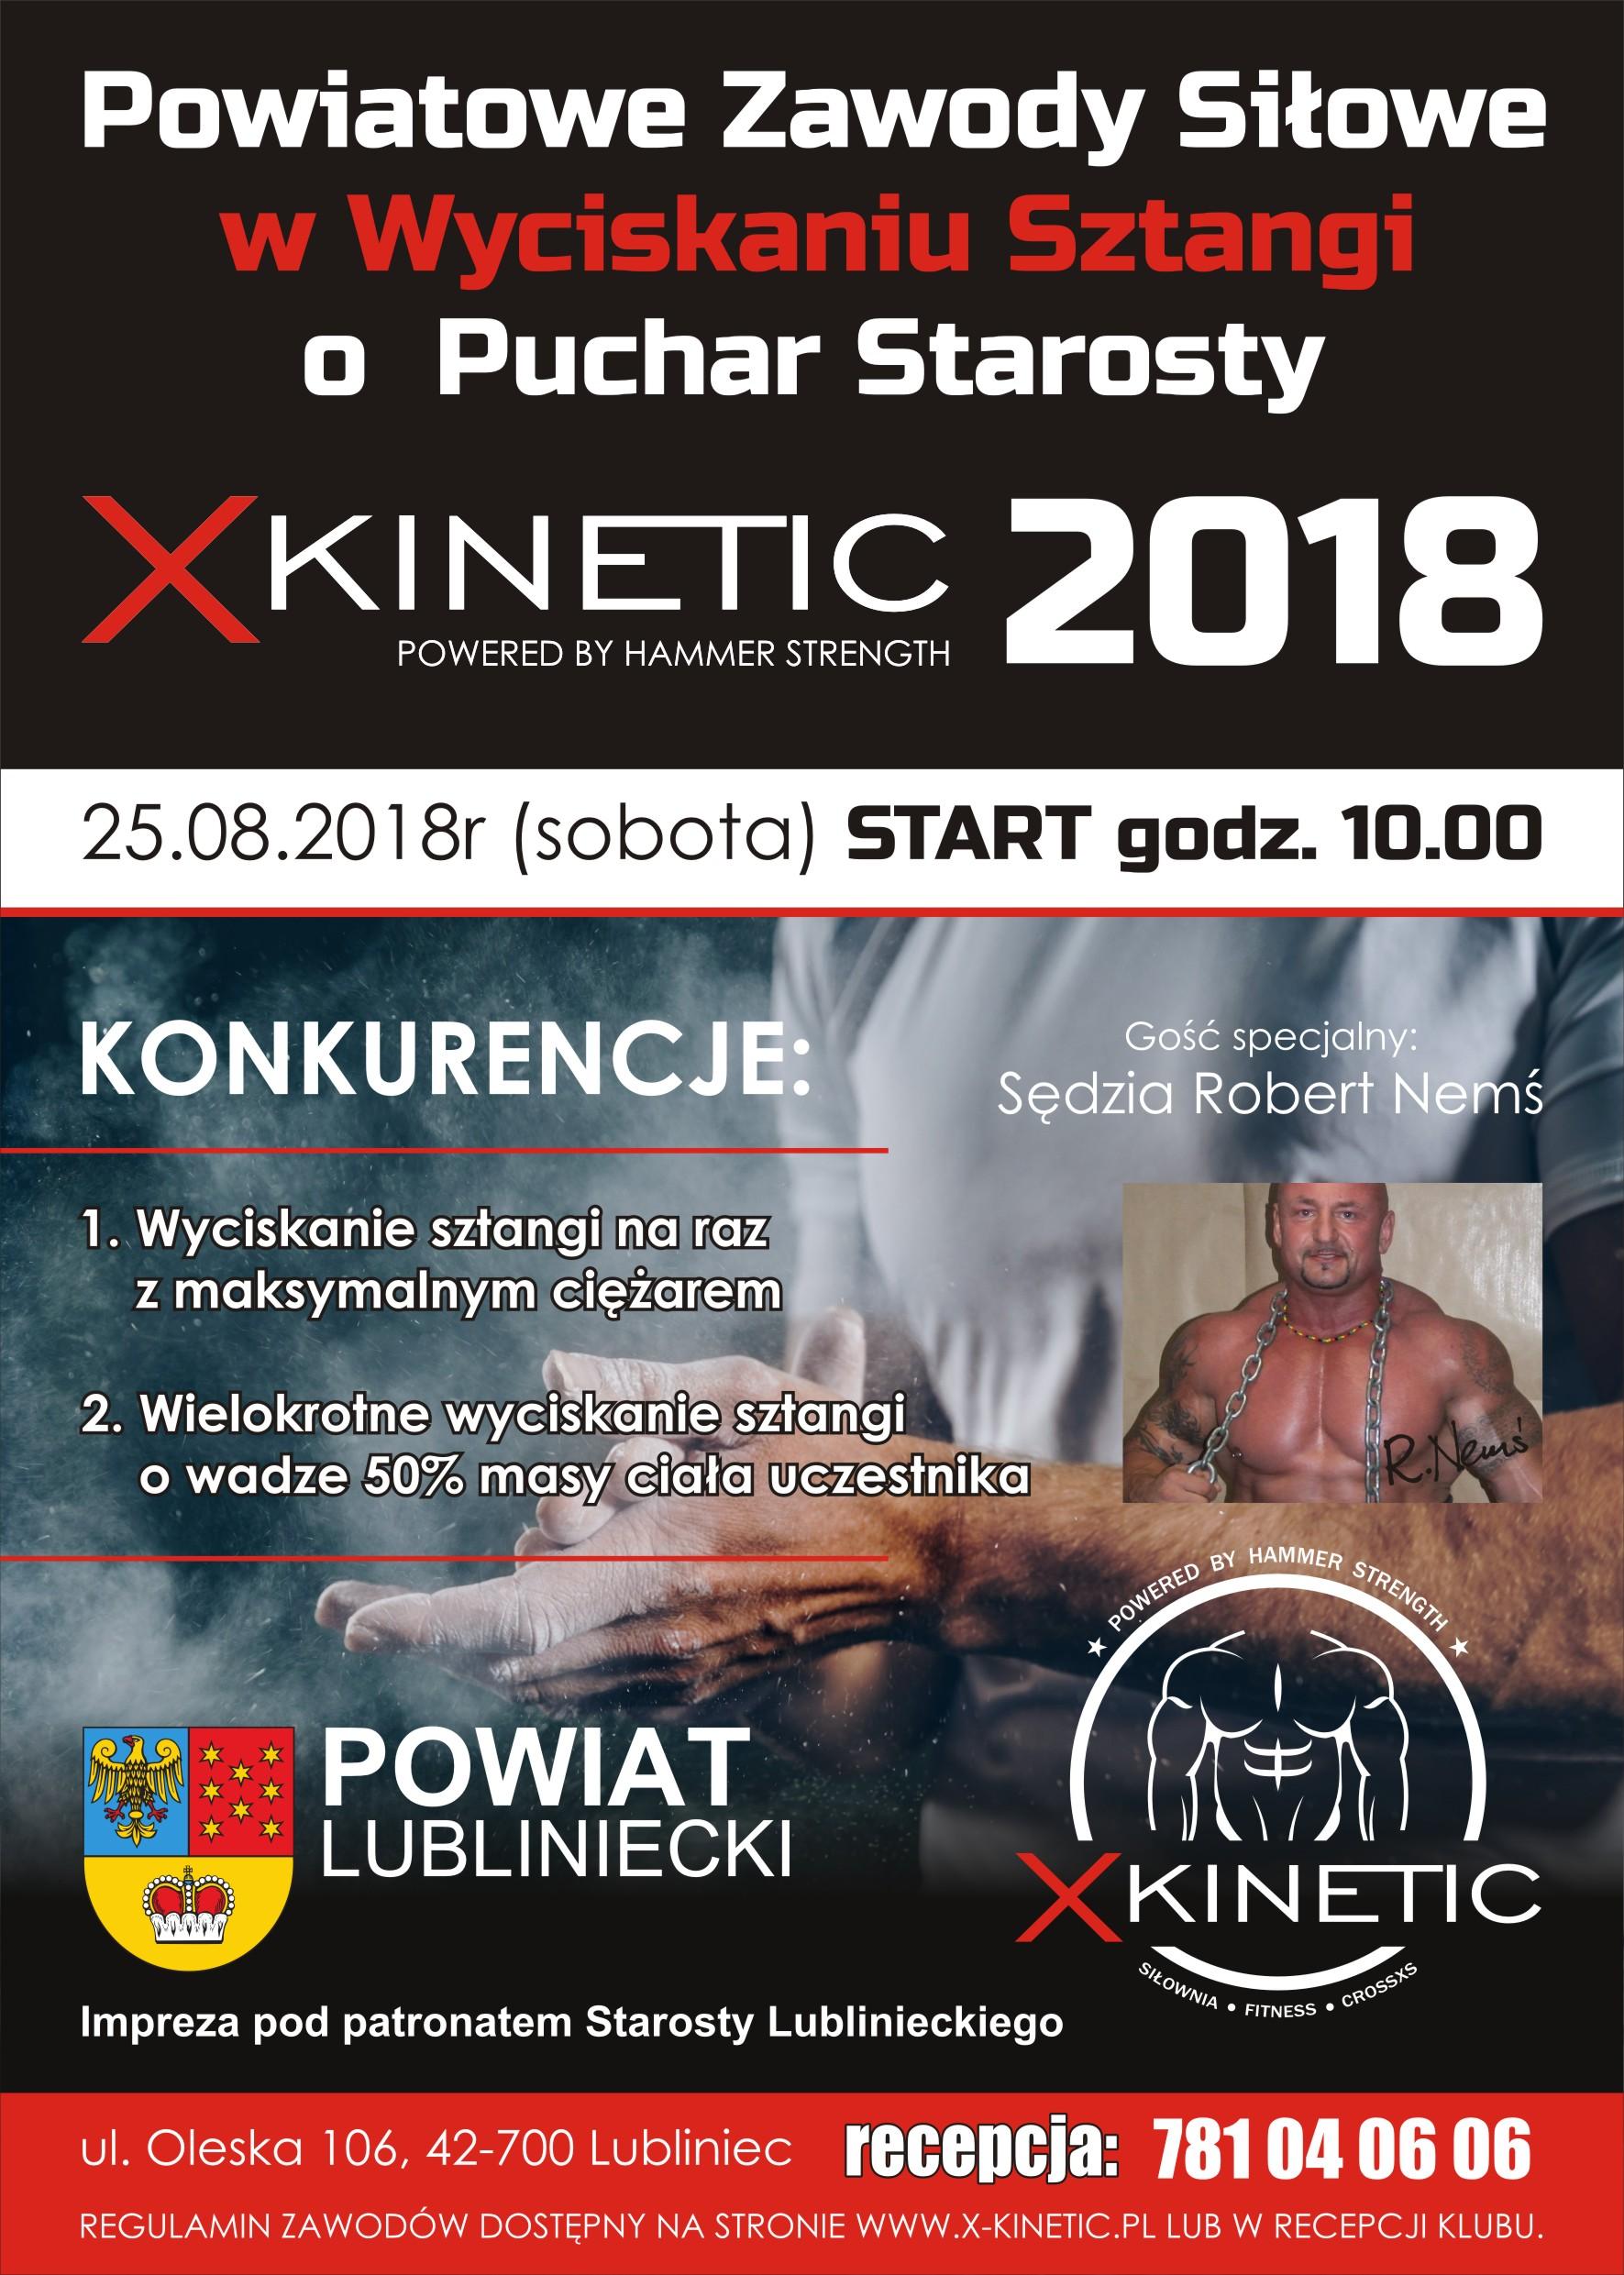 zawody na siłowni xkinetic Lubliniec